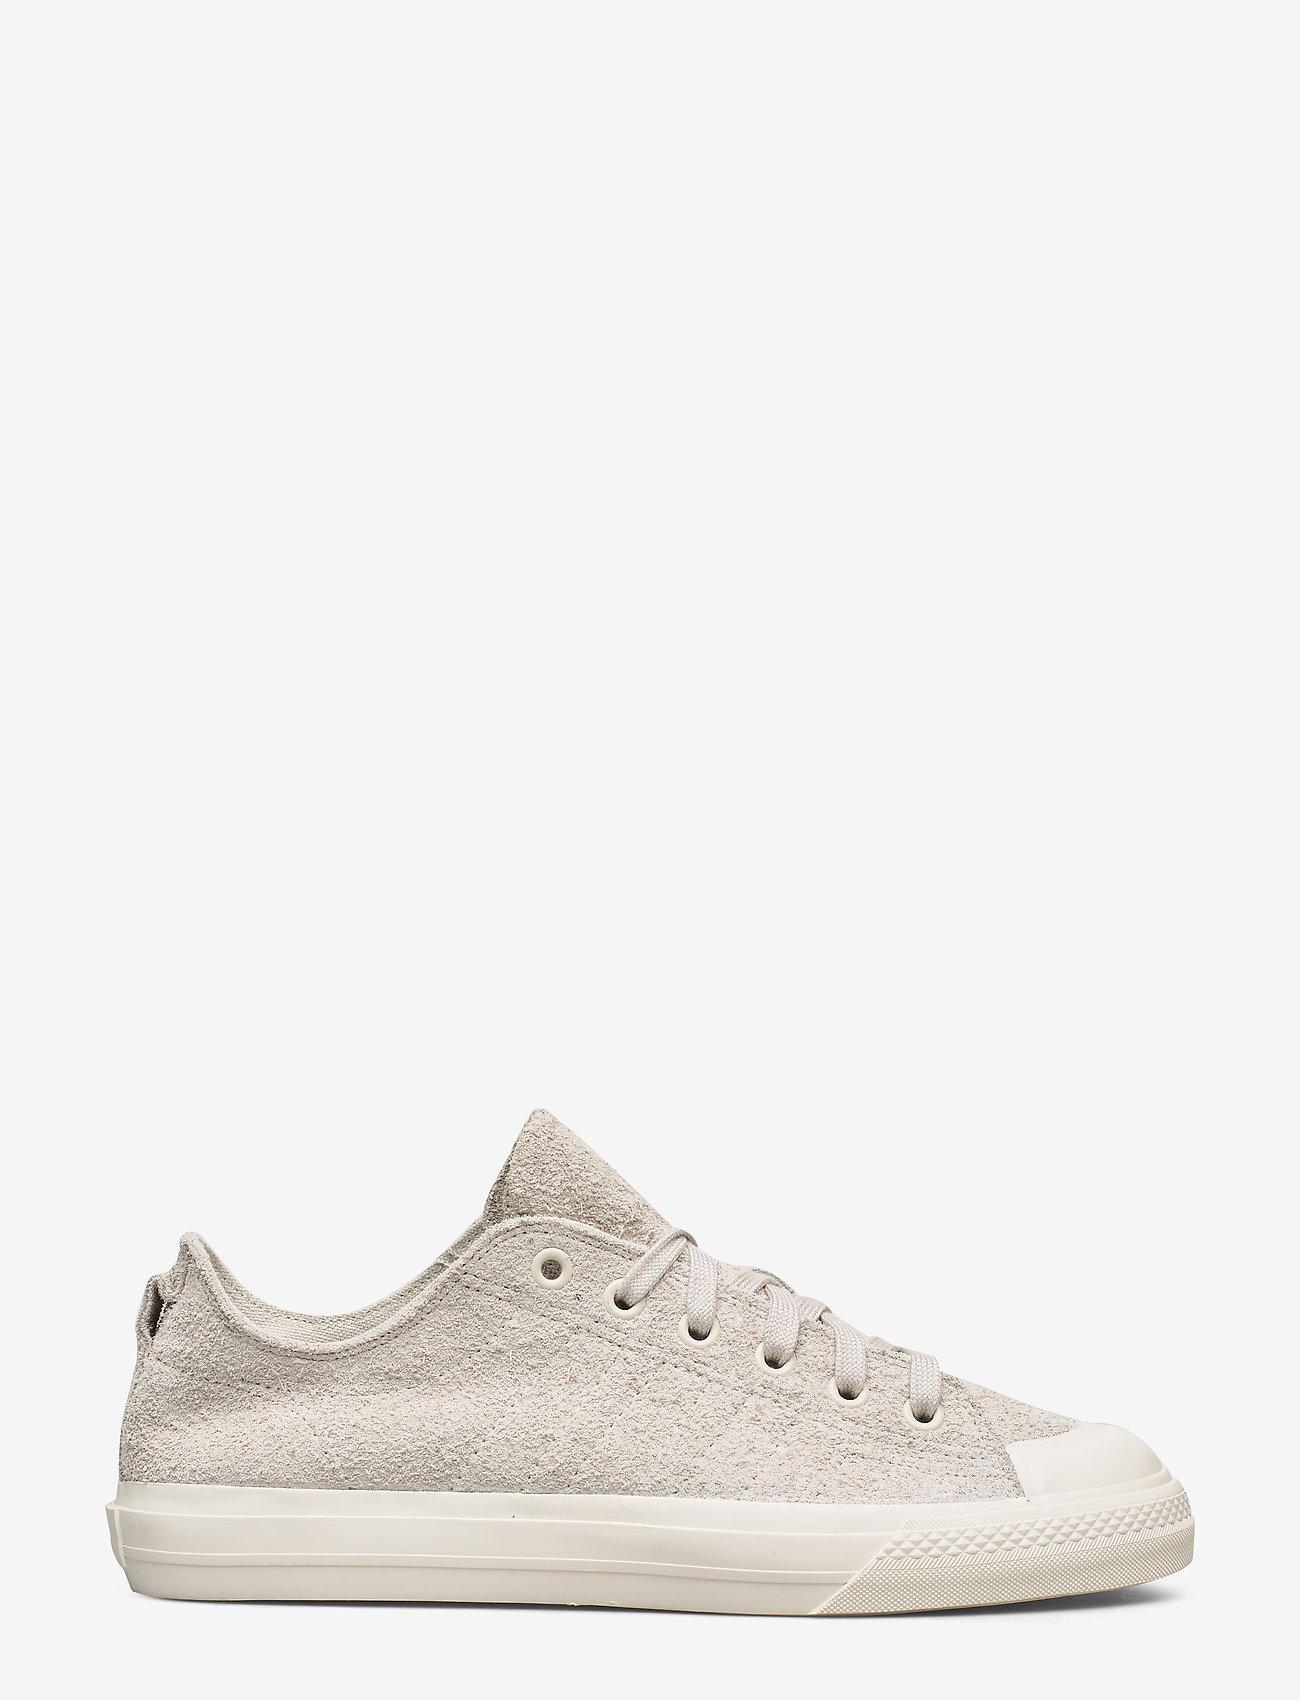 Adidas Originals Nizza Rf - Sneakers Rawwht/rawwht/owhite